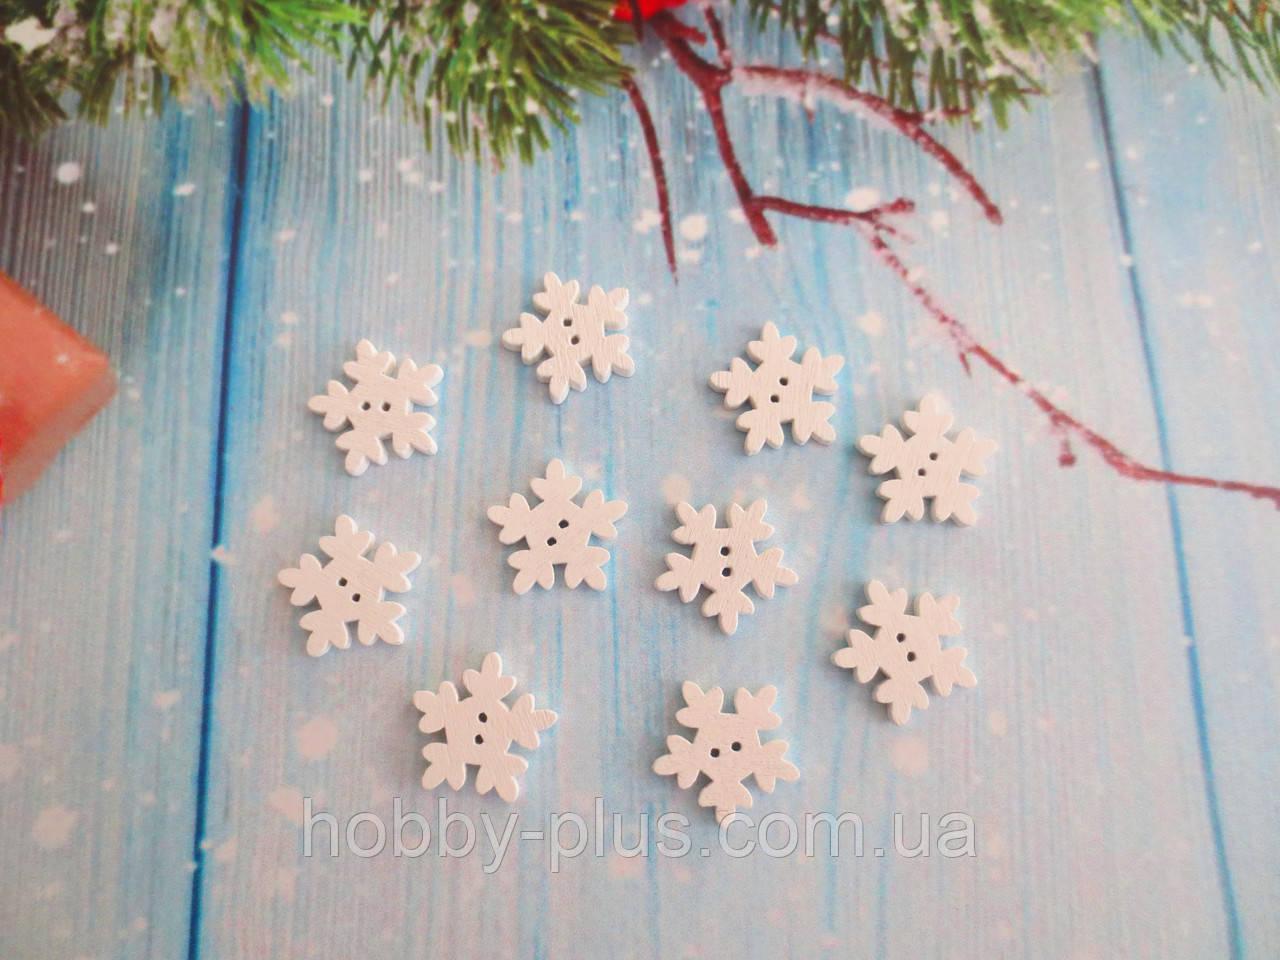 """Пуговицы деревянные """"Снежинка-2"""", d-18 мм, цвет белый, 10 шт."""